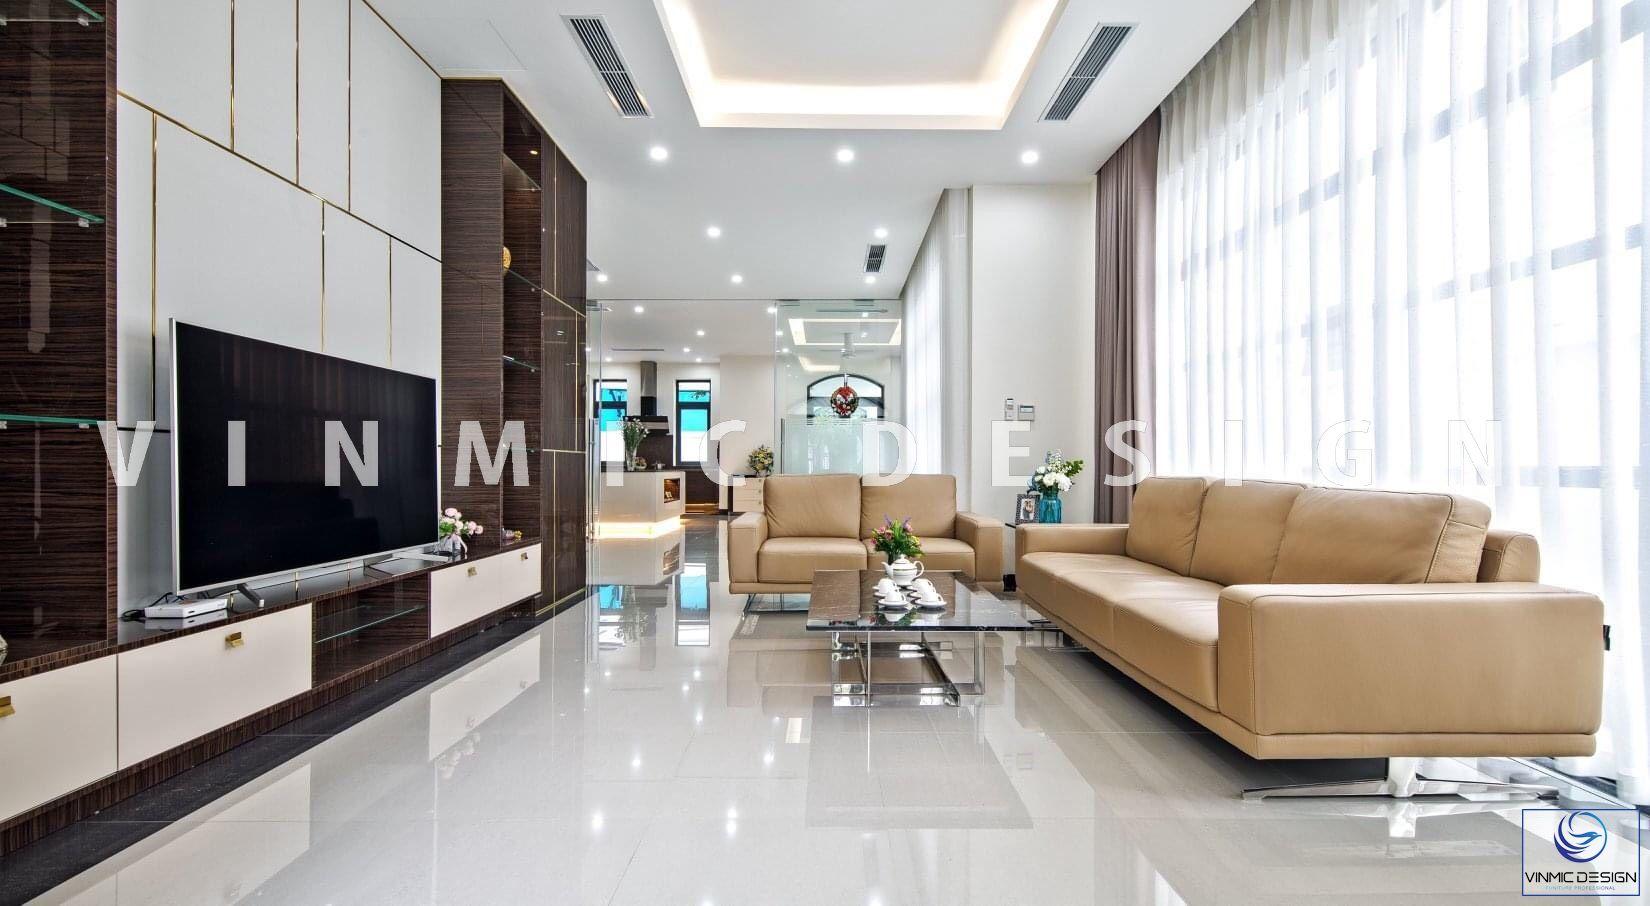 Thiết kế phòng khách biệt thự hiện đại, tận dụng ánh sáng thiên nhiên từ cửa sổ lớn